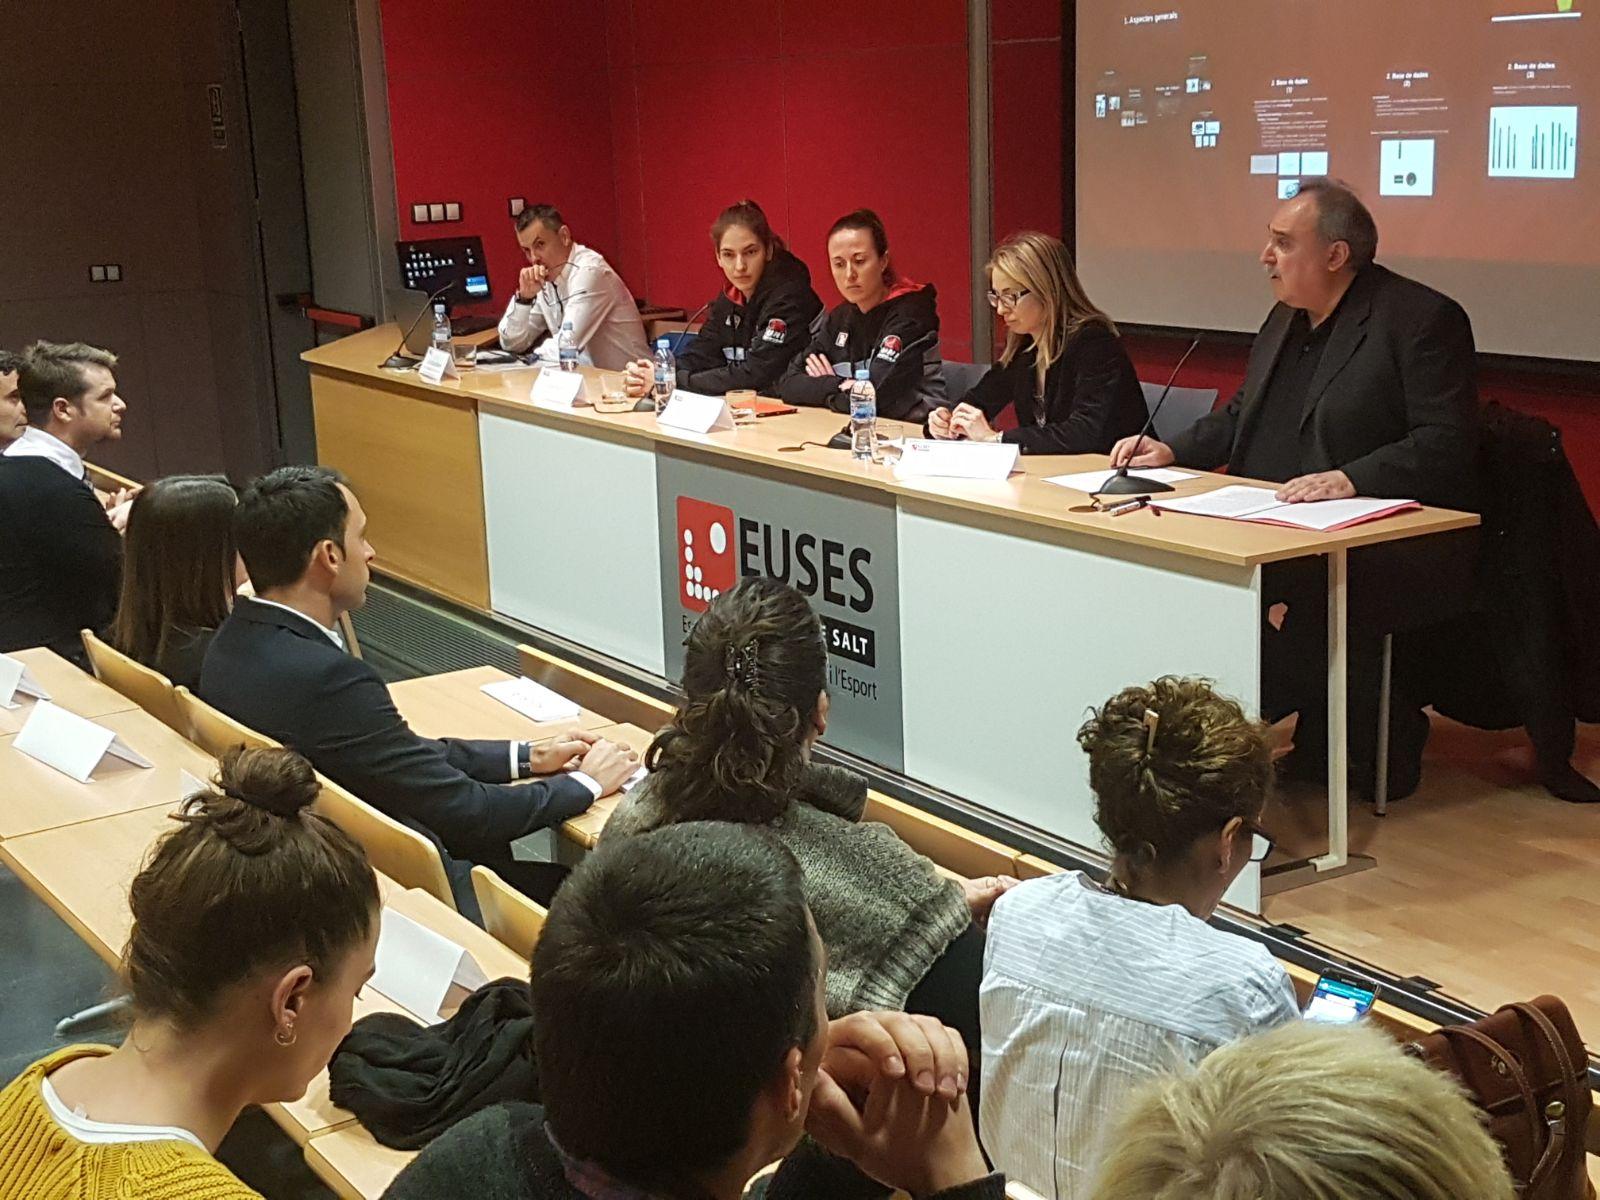 Celebrada la VII Jornada Anual del Campus de Salt EUSES Alumni, amb la jugadora de bàsquet de l'Spar Citylift Uni Girona Rosó Buch com a convidada especial